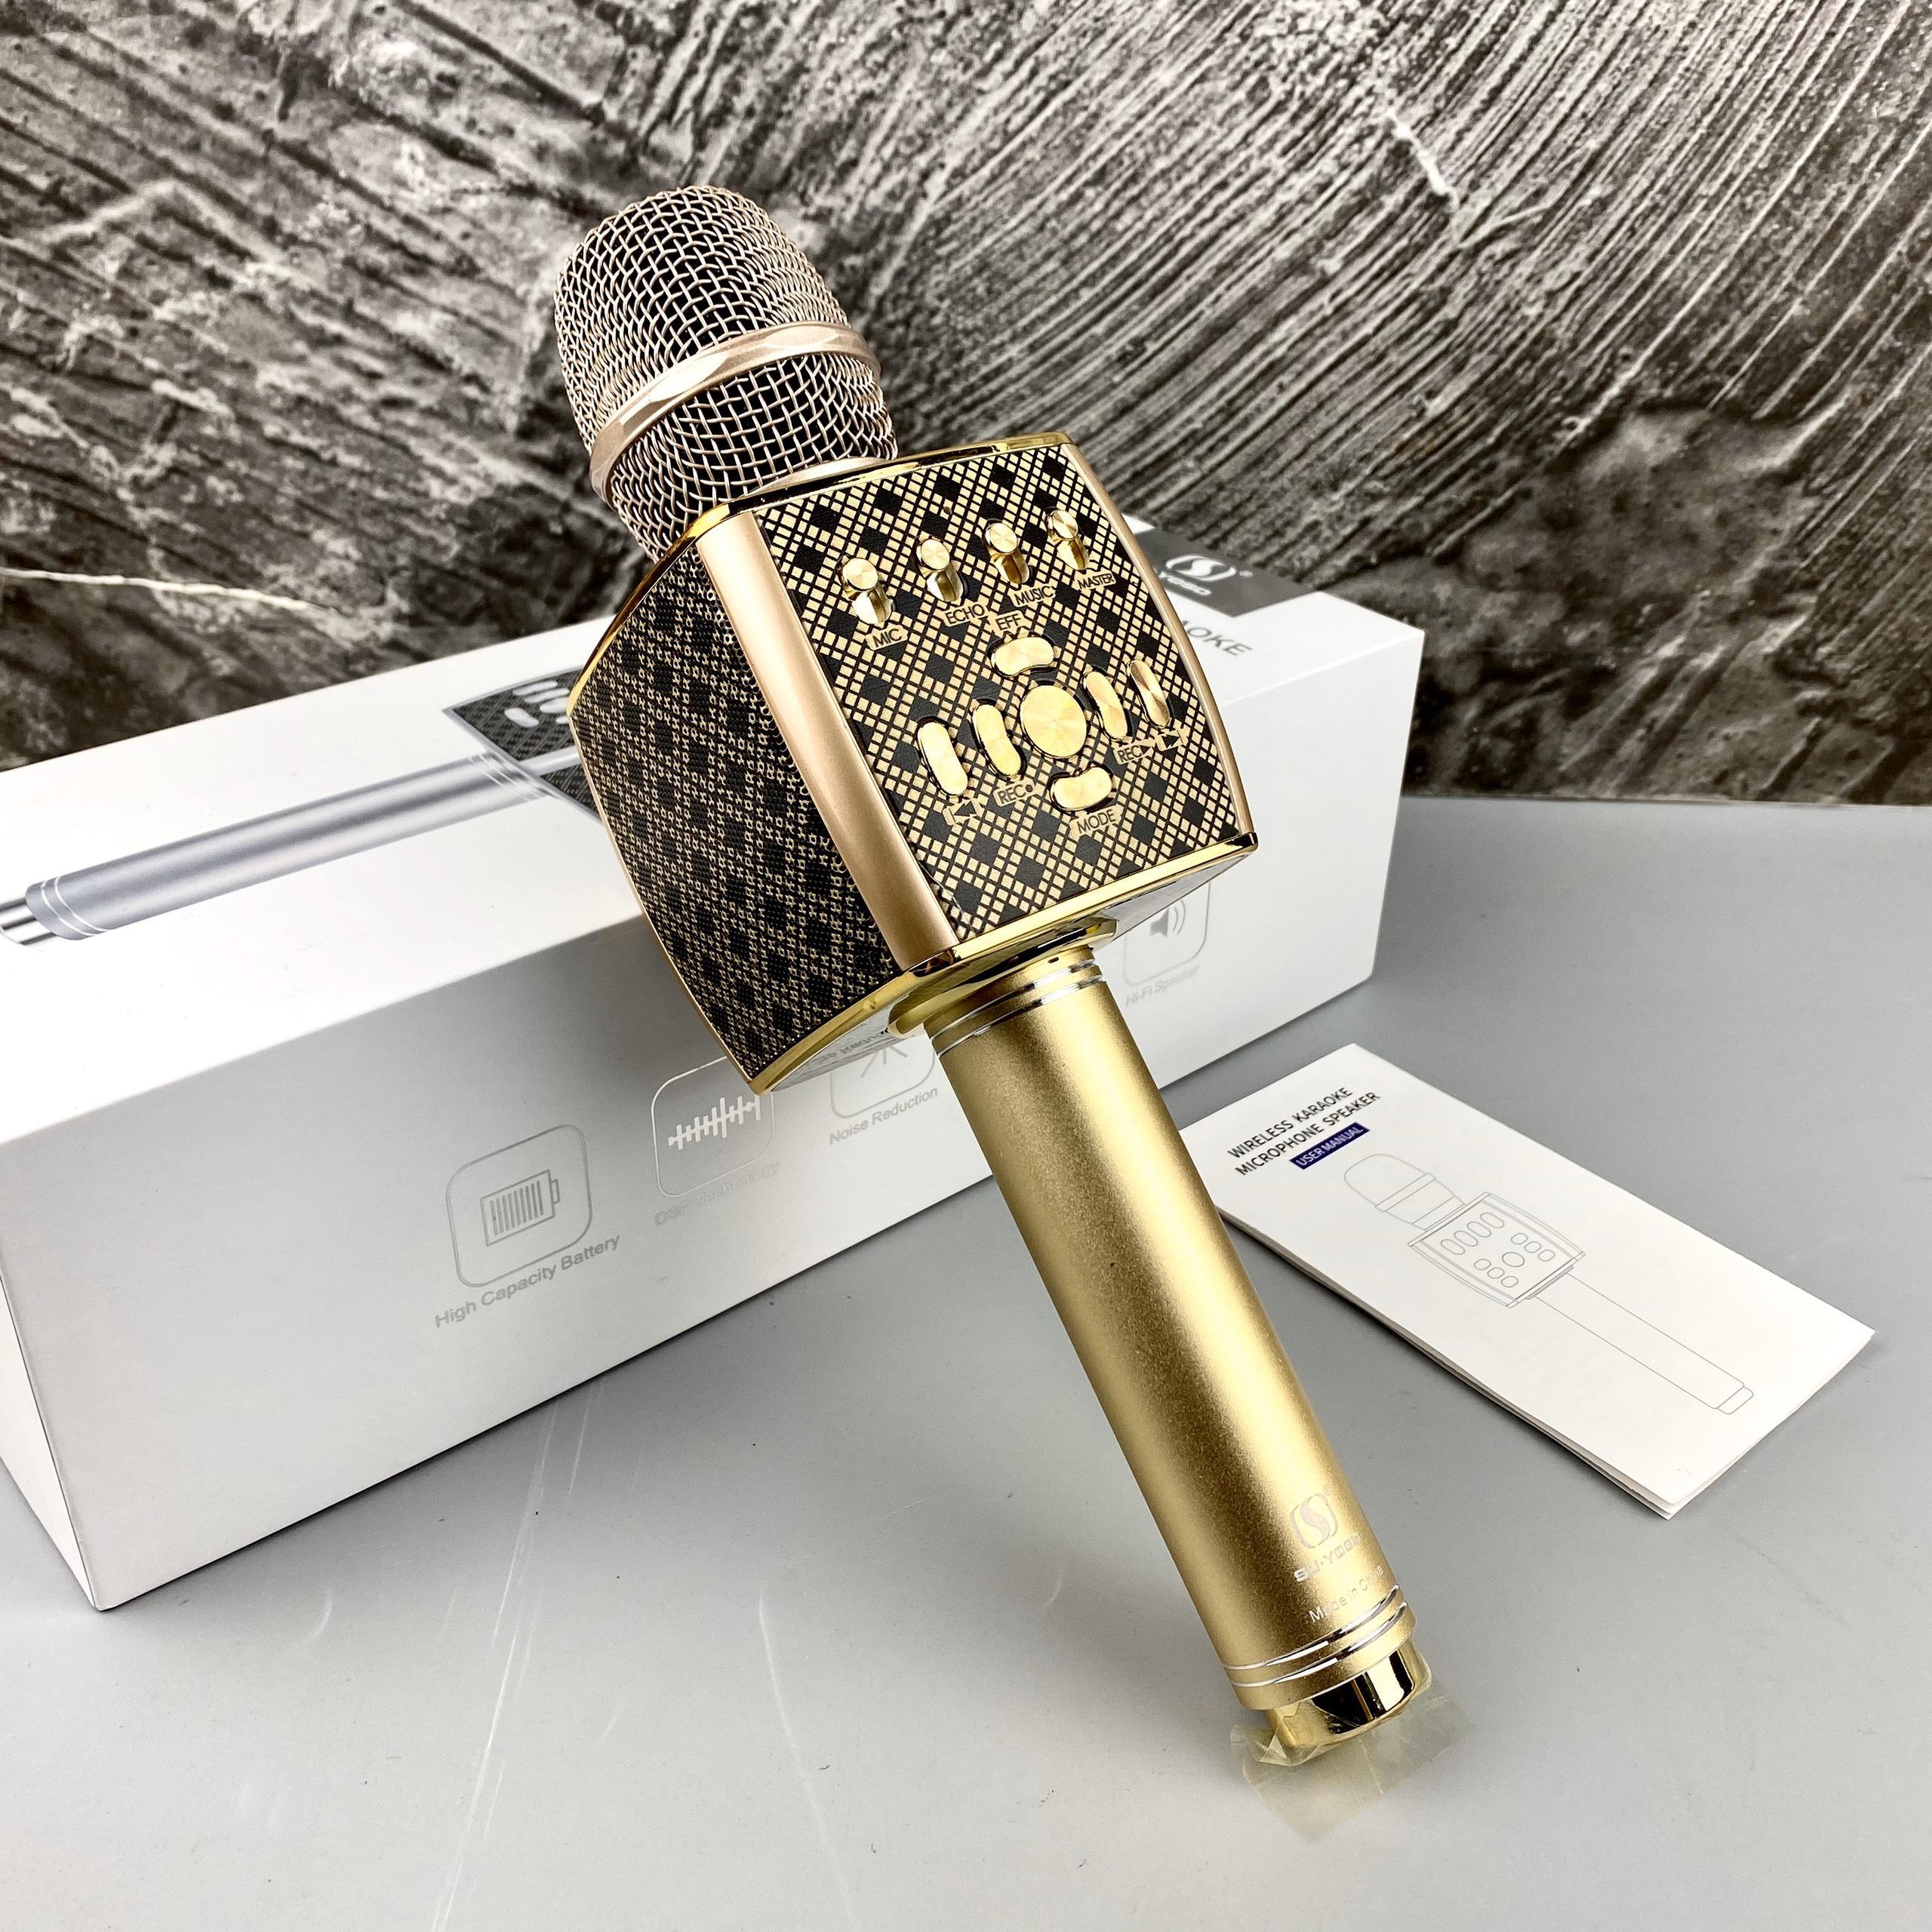 Micro Karaoke Bluetooth Cao Cấp GUTEK YS-95 Tích Hợp Loa Bass Không Dây, Âm Thanh ĐỈnh Cao, Âm Bass Cực Chất, Mic Bắt Giọng Cực Tốt, Hỗ Trợ USB, Thẻ Nhớ, Cổng 3.5, Nhiều Màu Sắc - Hàng Chính Hãng